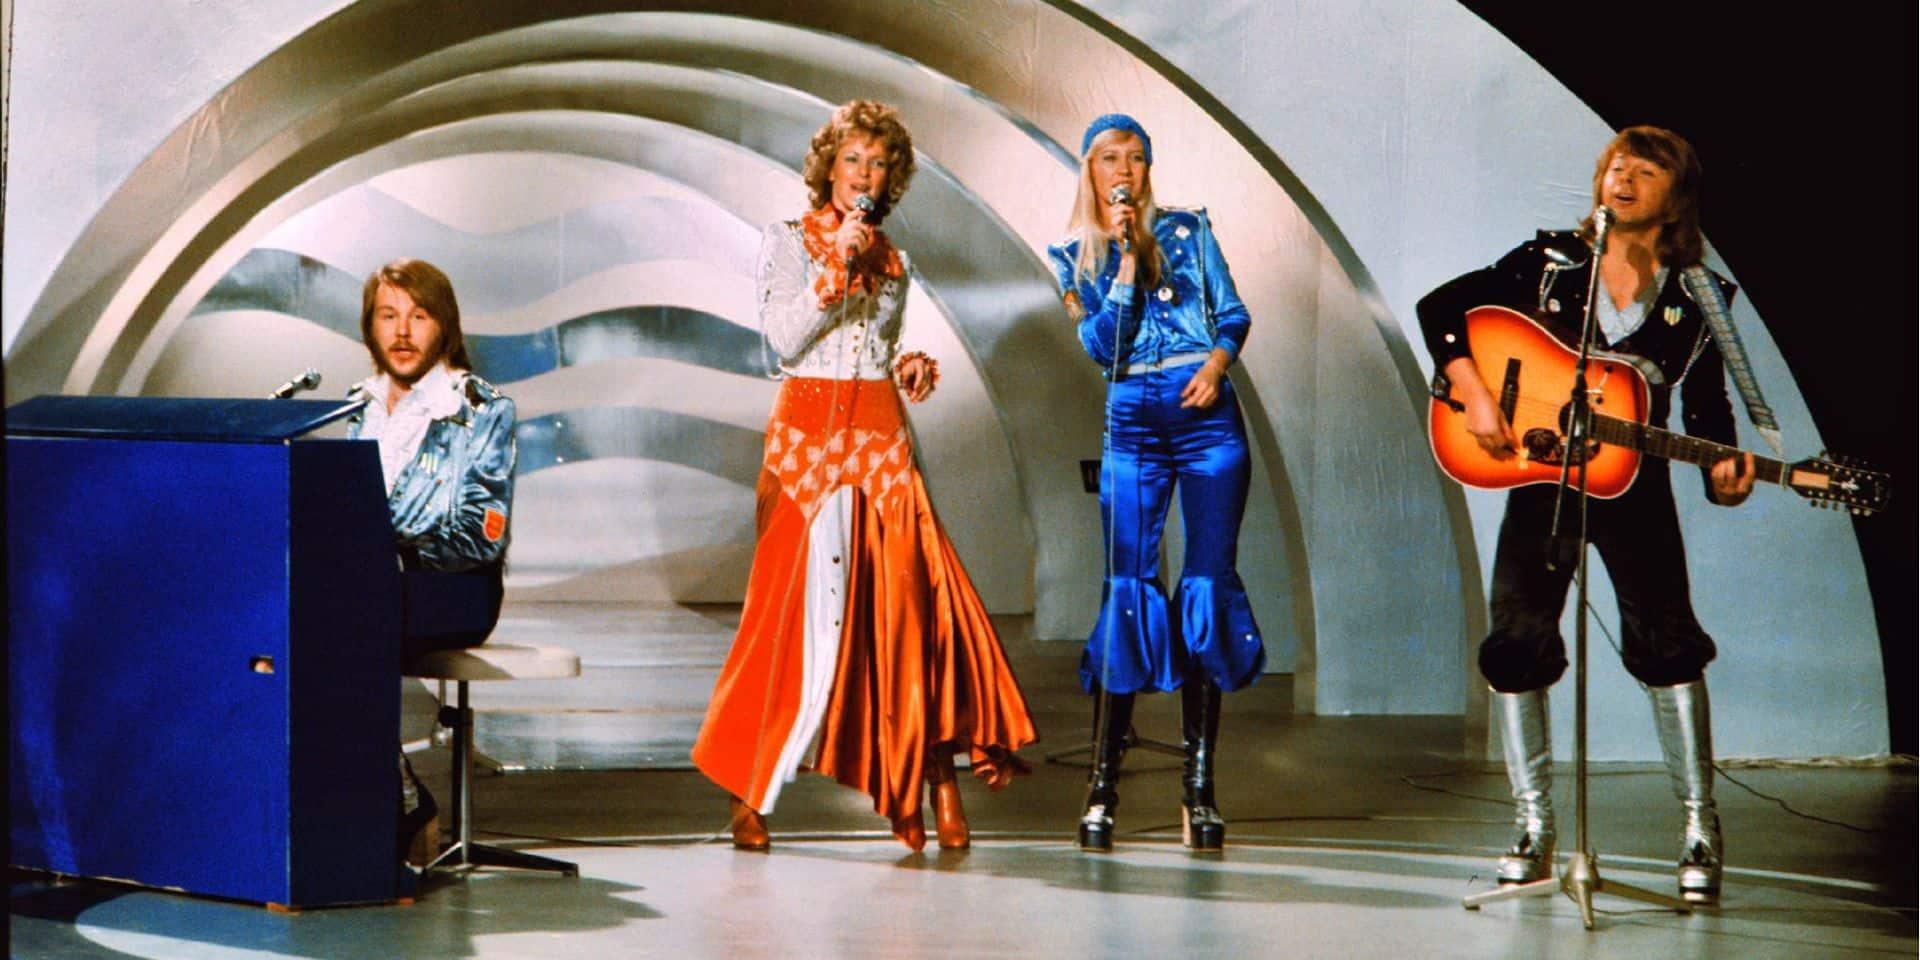 BRITAIN-SWEDEN-MUSIC-ABBA